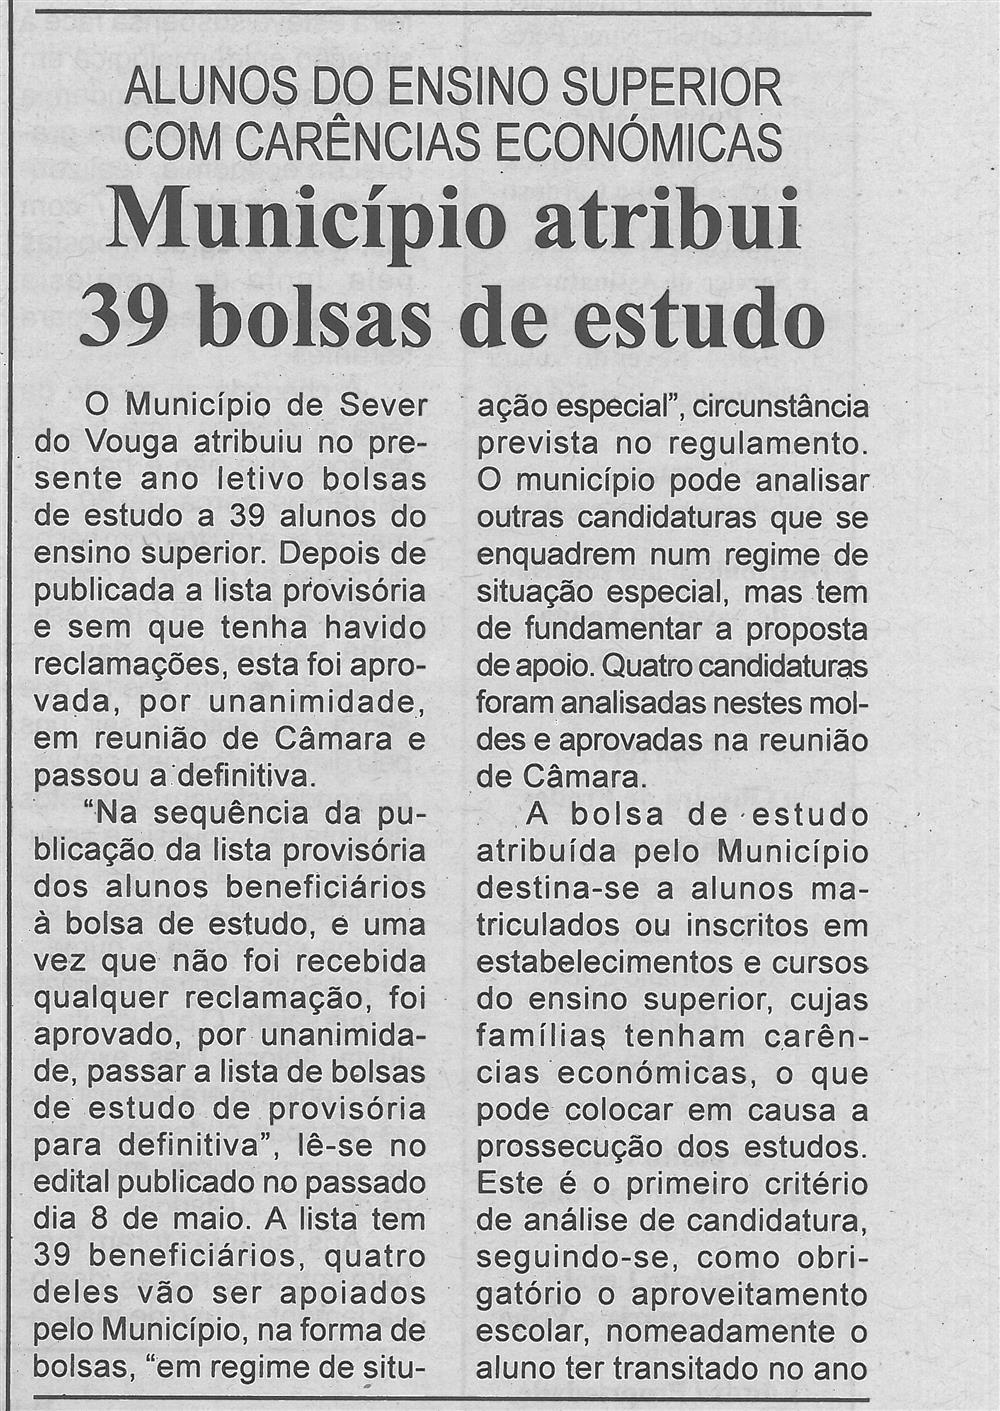 BV-2.ªmaio'20-p.3-Município atribui 39 bolsas de estudo : alunos do ensino superior com carências económicas.jpg